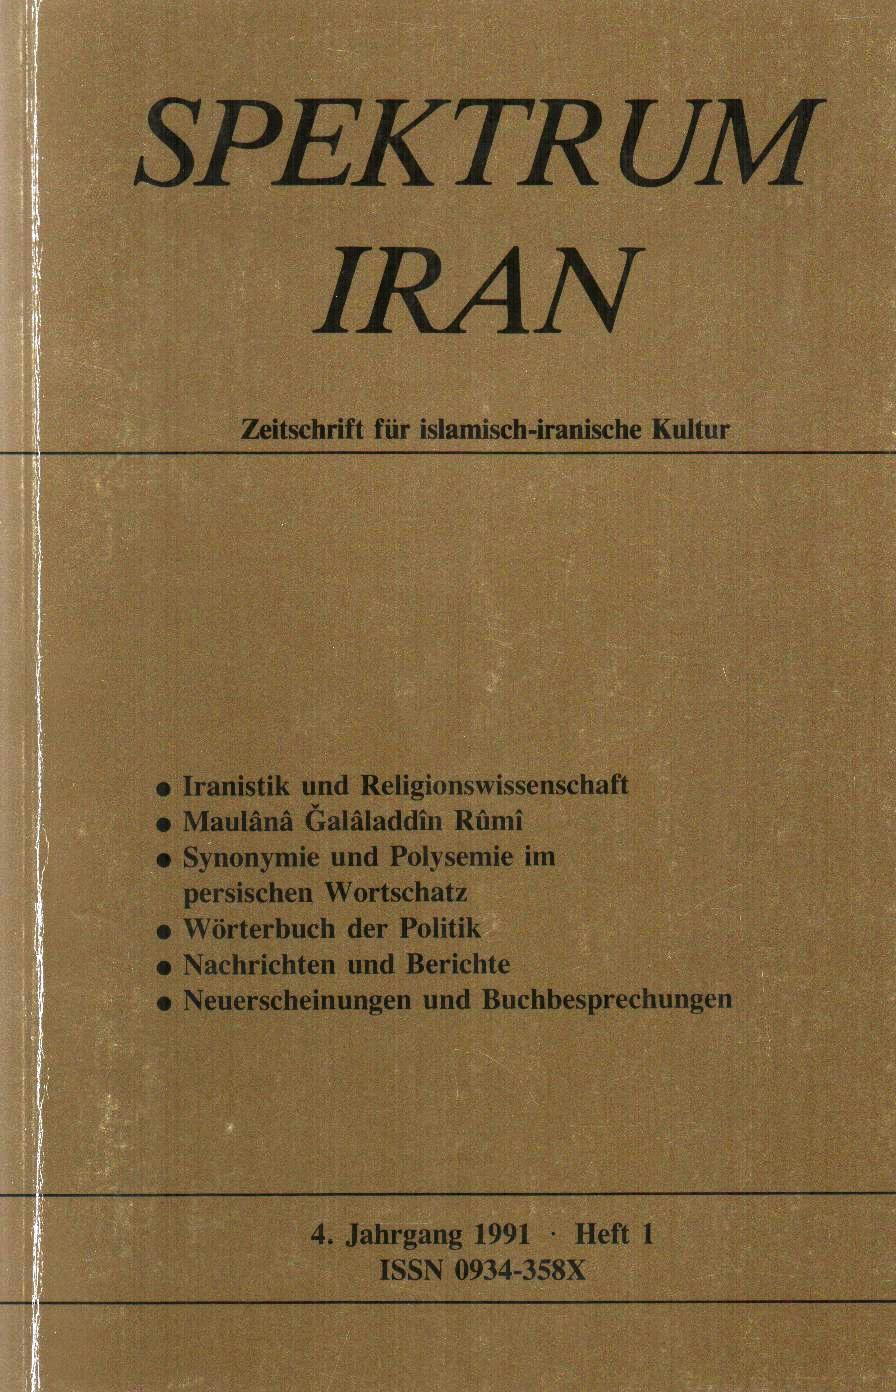 Spektrum Iran 1 - 1991